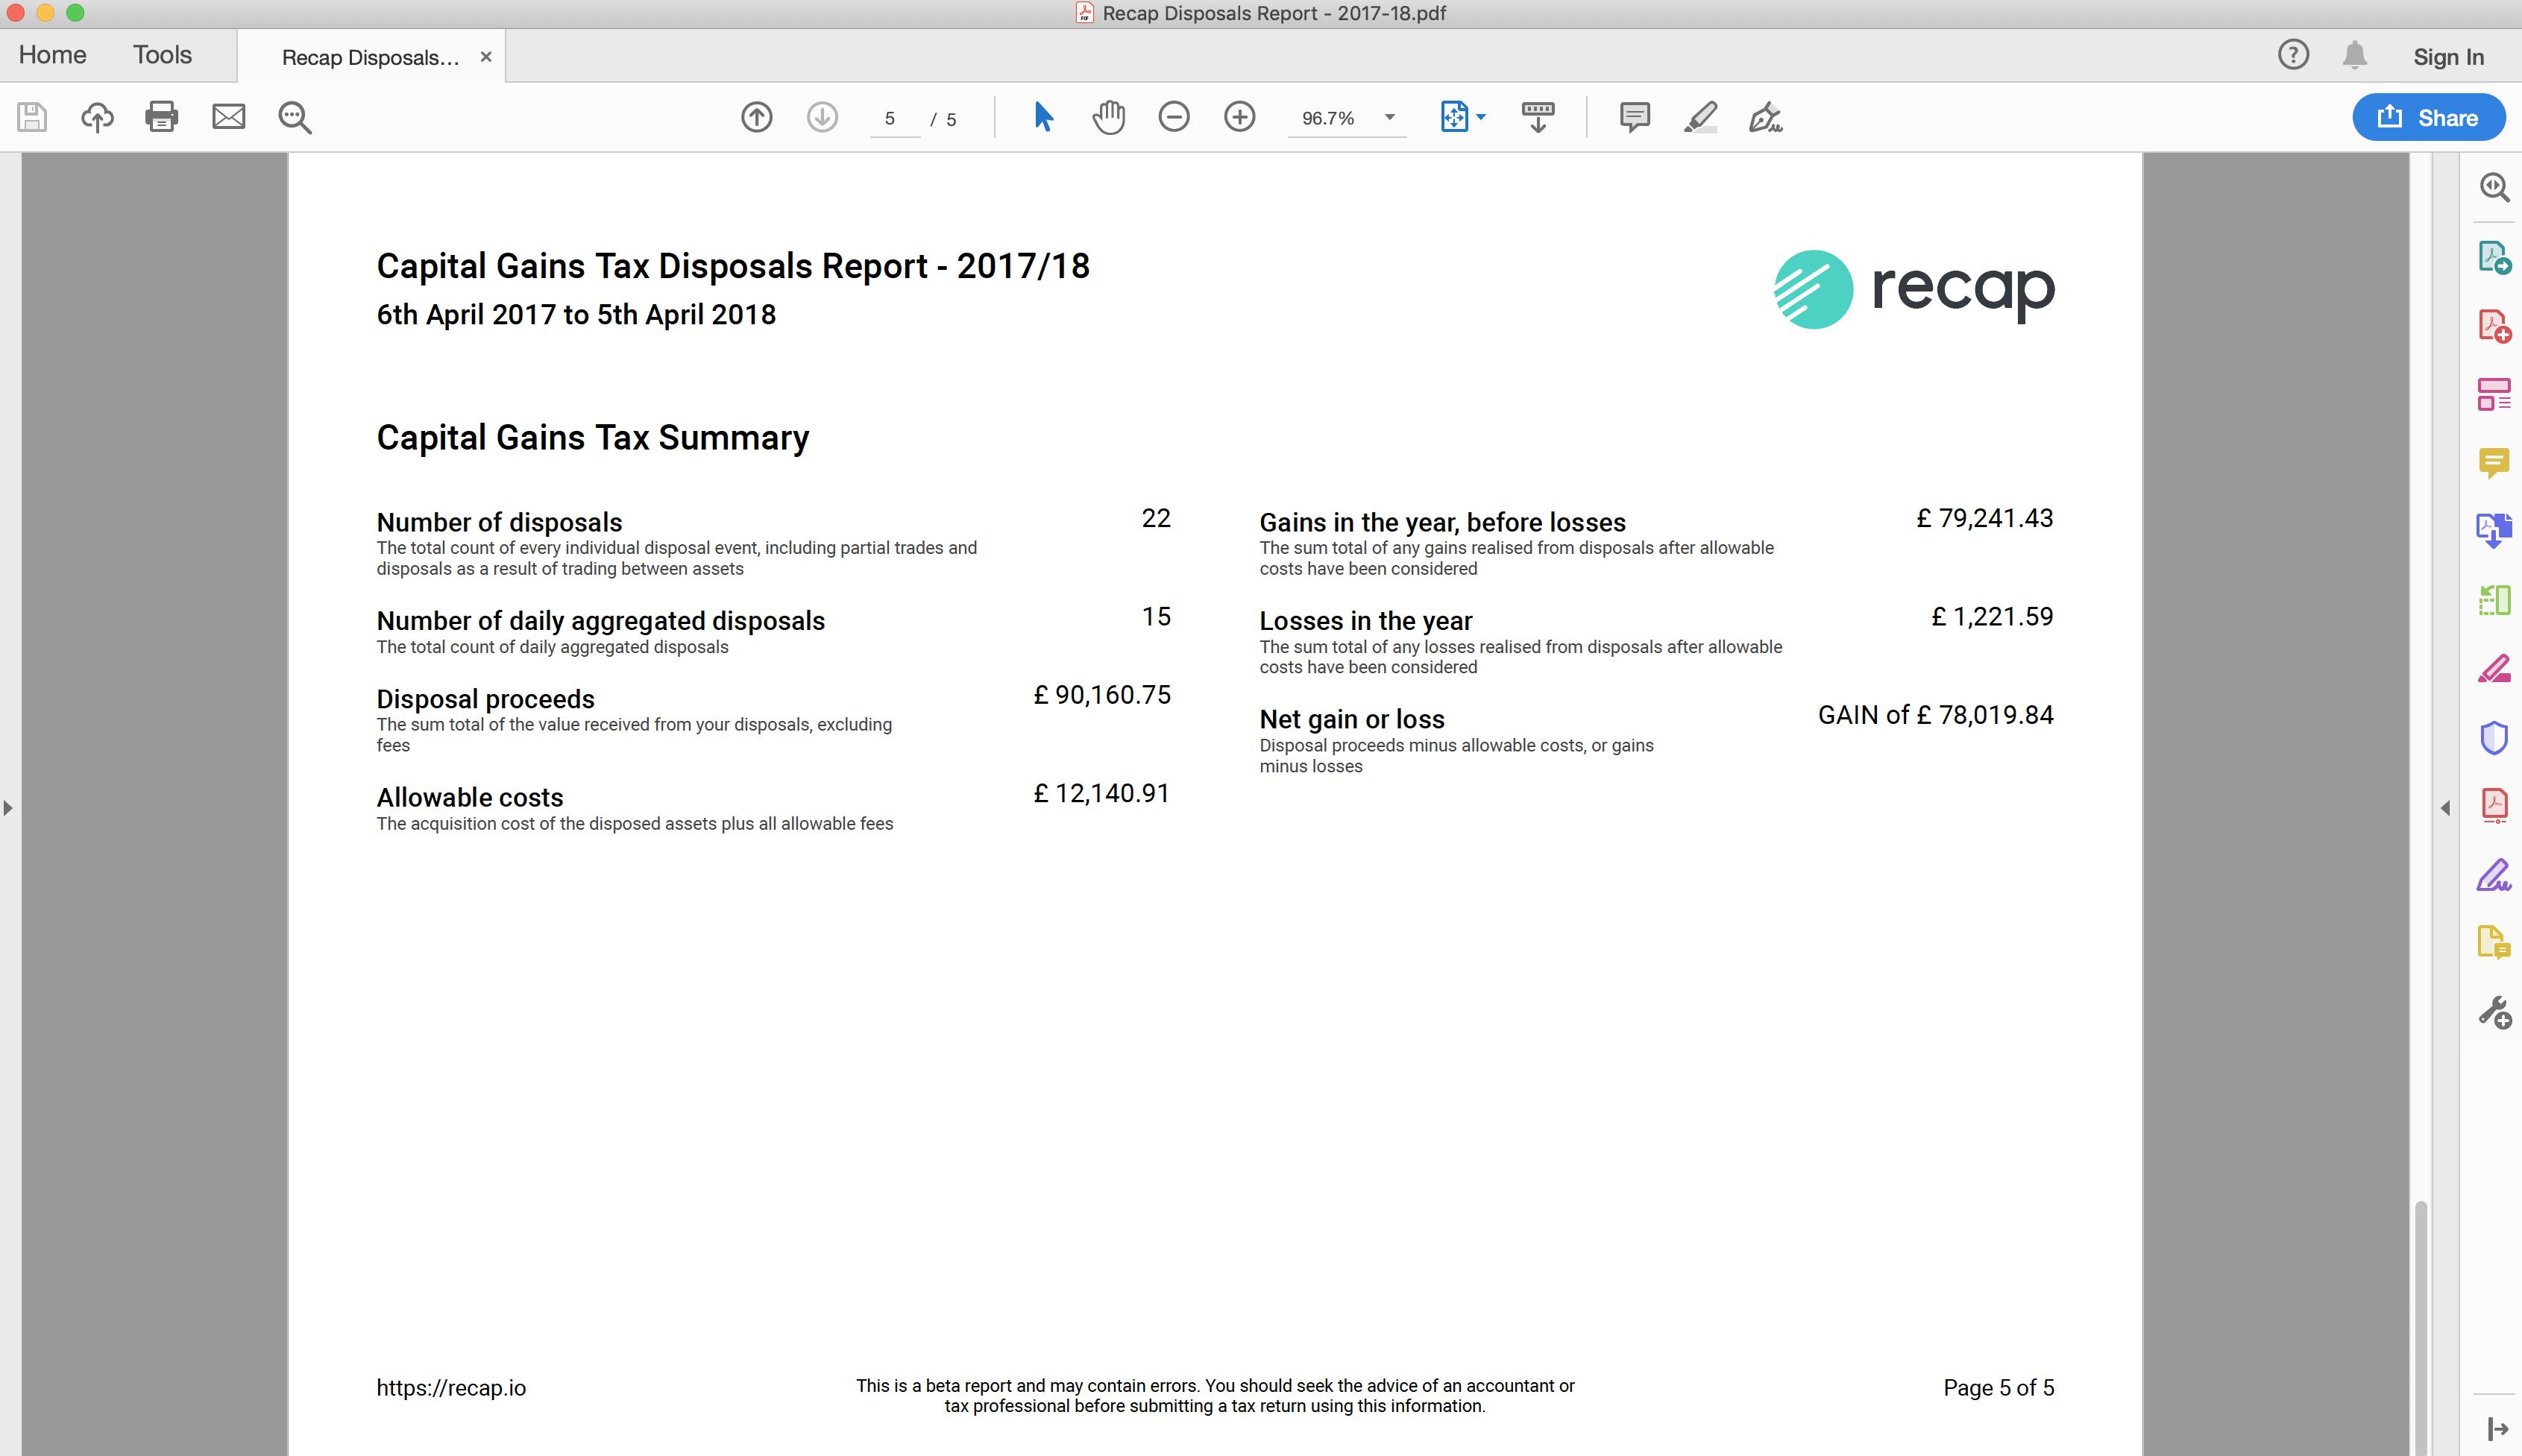 disposals-report-2